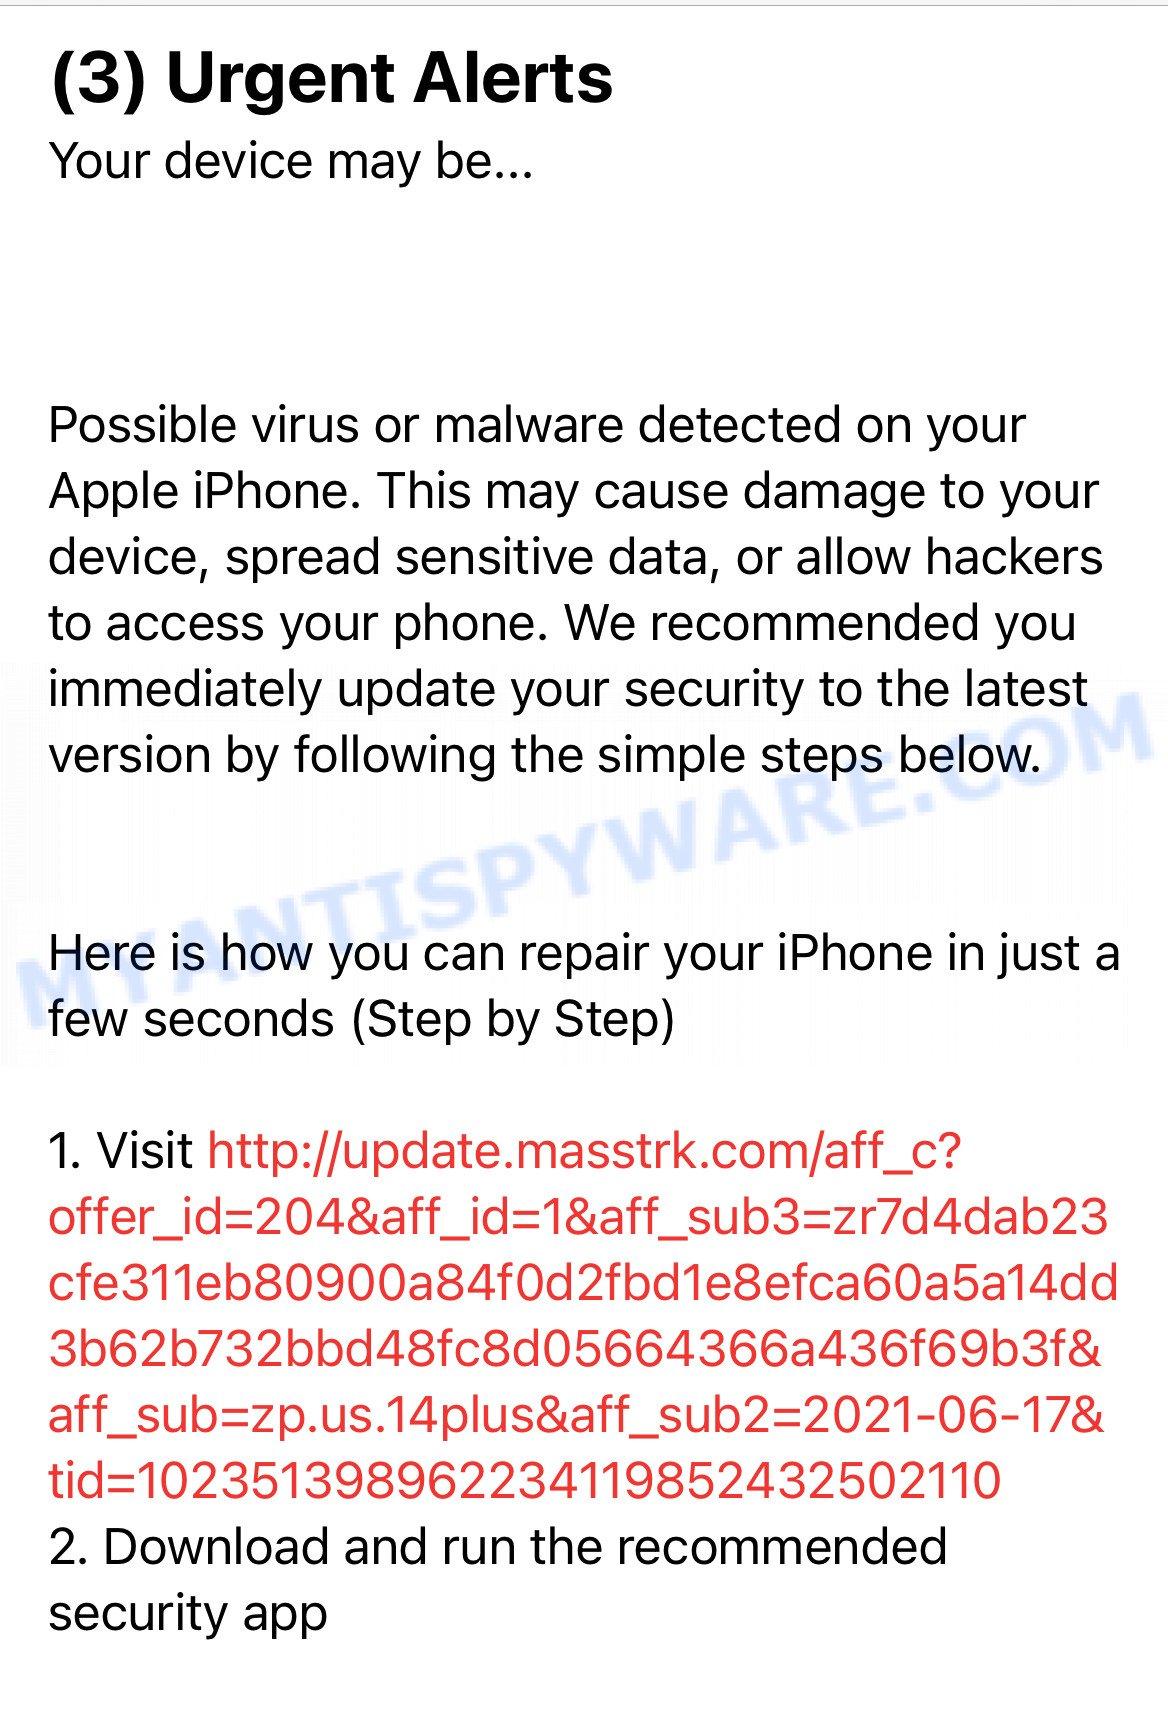 masstrk fake alert